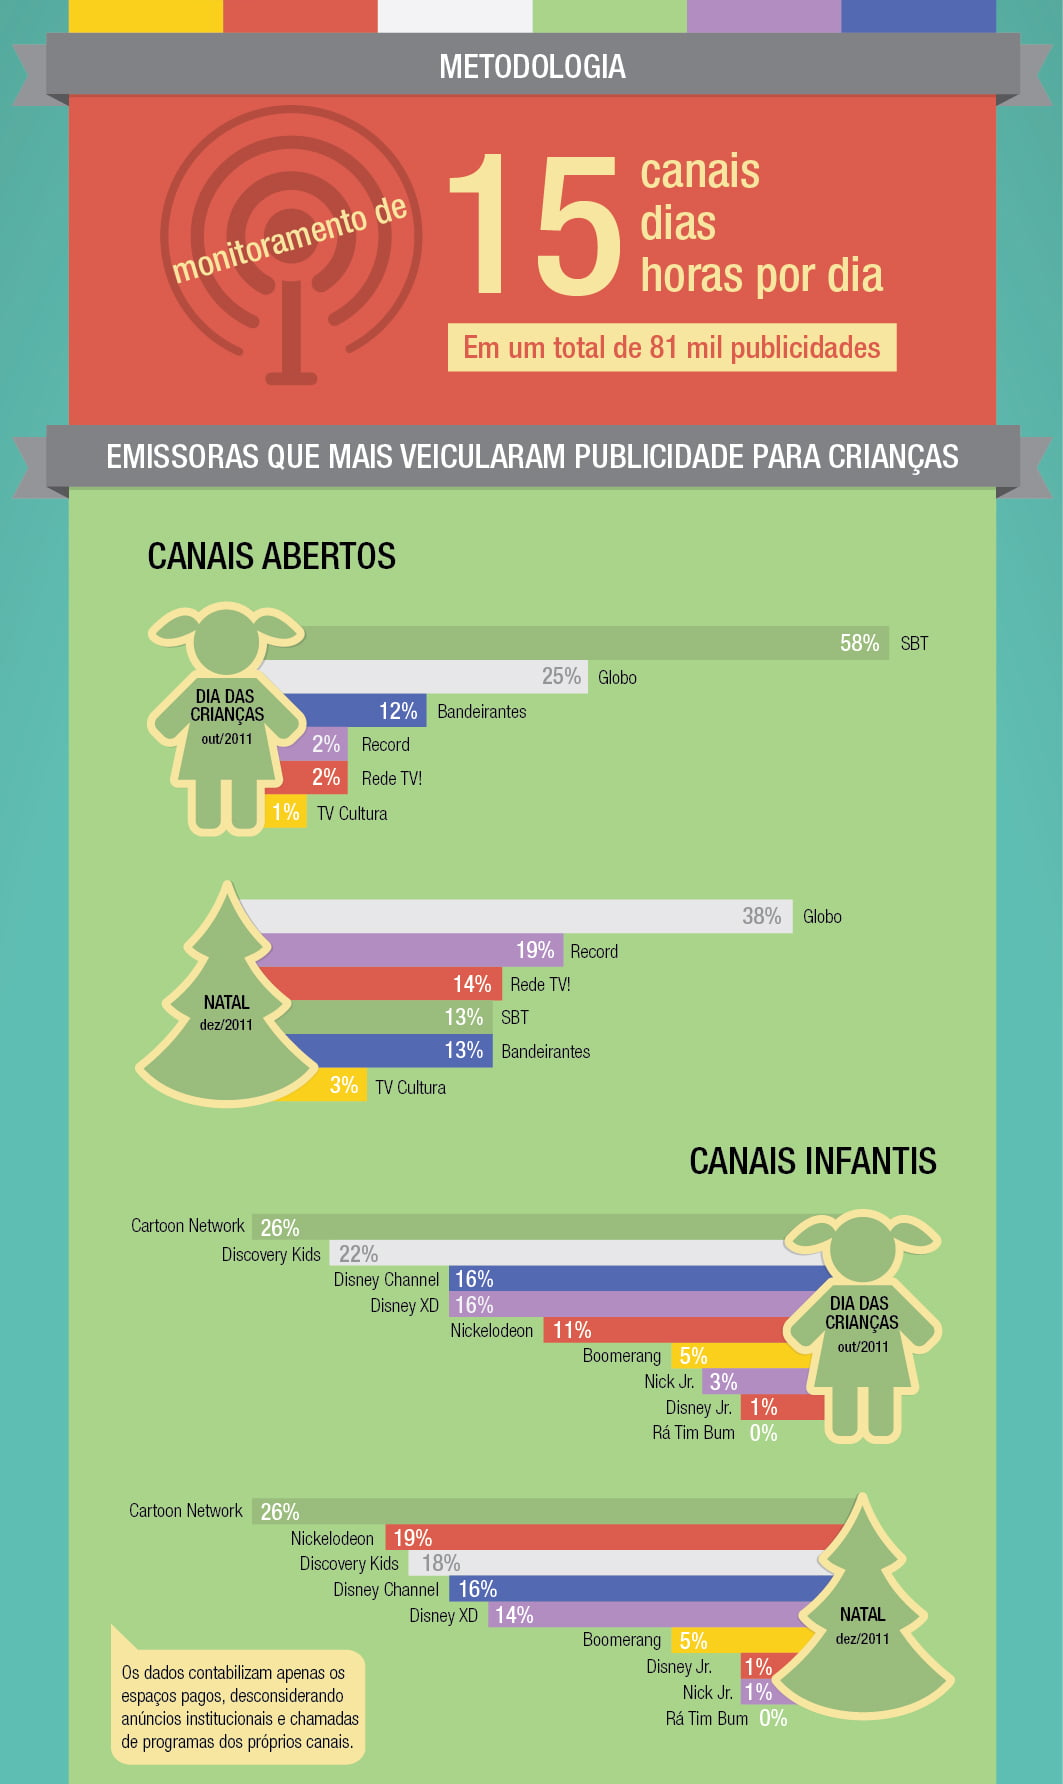 Cartaz descreve: Metodologia. Monitoramento de 15 Canais dias horas por dia. Em um total de 81 mil publicidades.Emissoras que mais veicularam publicidade para crianças.Canais abertos 2011:Outubro: 58% SBT, 25% Globo, 12% Bandeirantes, Record 2%, Rede TV! 2% e 1% TV Cultura.Dezembro: Globo 38%, Record 19%, Rede TV! 14%, SBT 13%, Bandeirantes 13%, TV Cultura 3%.Canais Infantis:Outubro 2011: Cartoon network 26%, Discovery Kids 22%, Disney Channel 16%, Disney XD 16%, Nickelodeon 11%, Boomerang 5%, Nick jr 3%, Disney Jr 1%. Rá Tim Bum 0%.Dezembro 2011: Cartoon Network 26%, Nickelodeon 19%, Discovery Kids 18%, Disney Channel 16%, Disney XD 14%, Boomerang 5%, Disney Jr. 1%, Nick Jr 1%, Ra Tim Bum 0%.Os dados contabilizam apenas os espaços pagos, desconsiderando anúncios institucionais e chamadas de programas dos próprios canais.